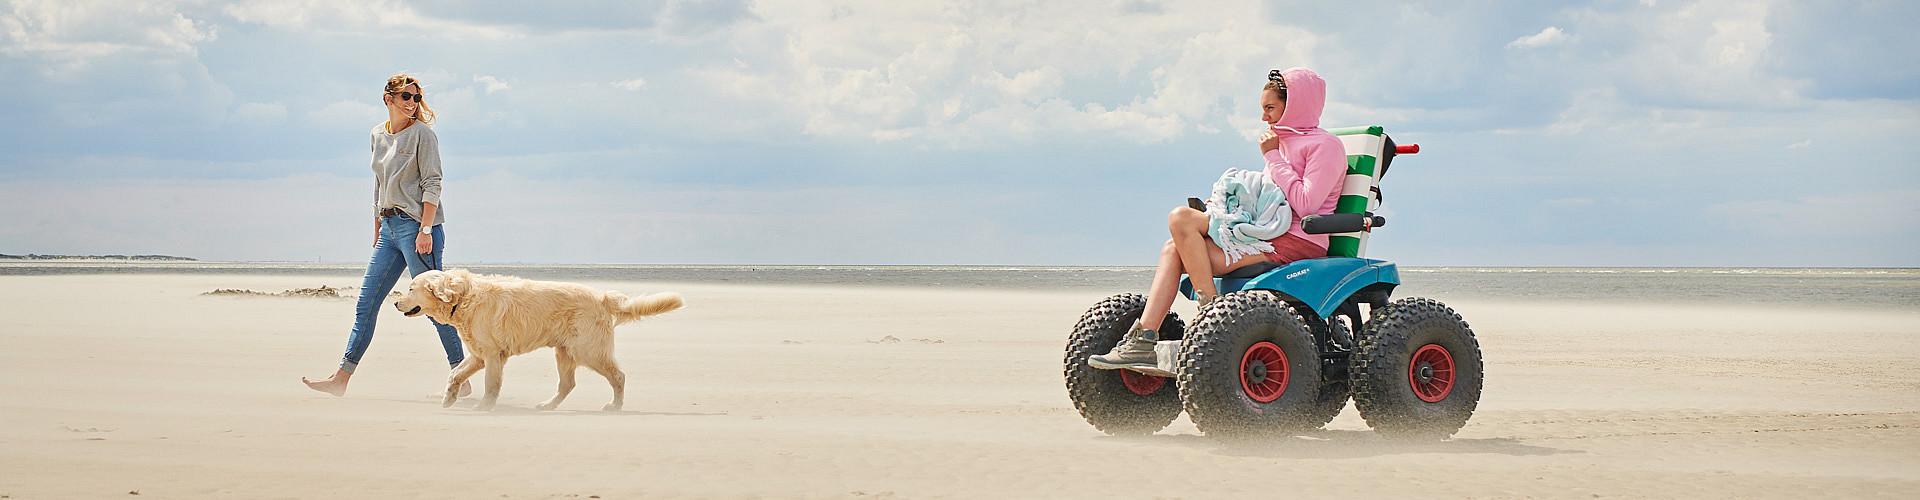 Mit dem elektrisch betriebenen Strandmobil auf Langeoog unterwegs.